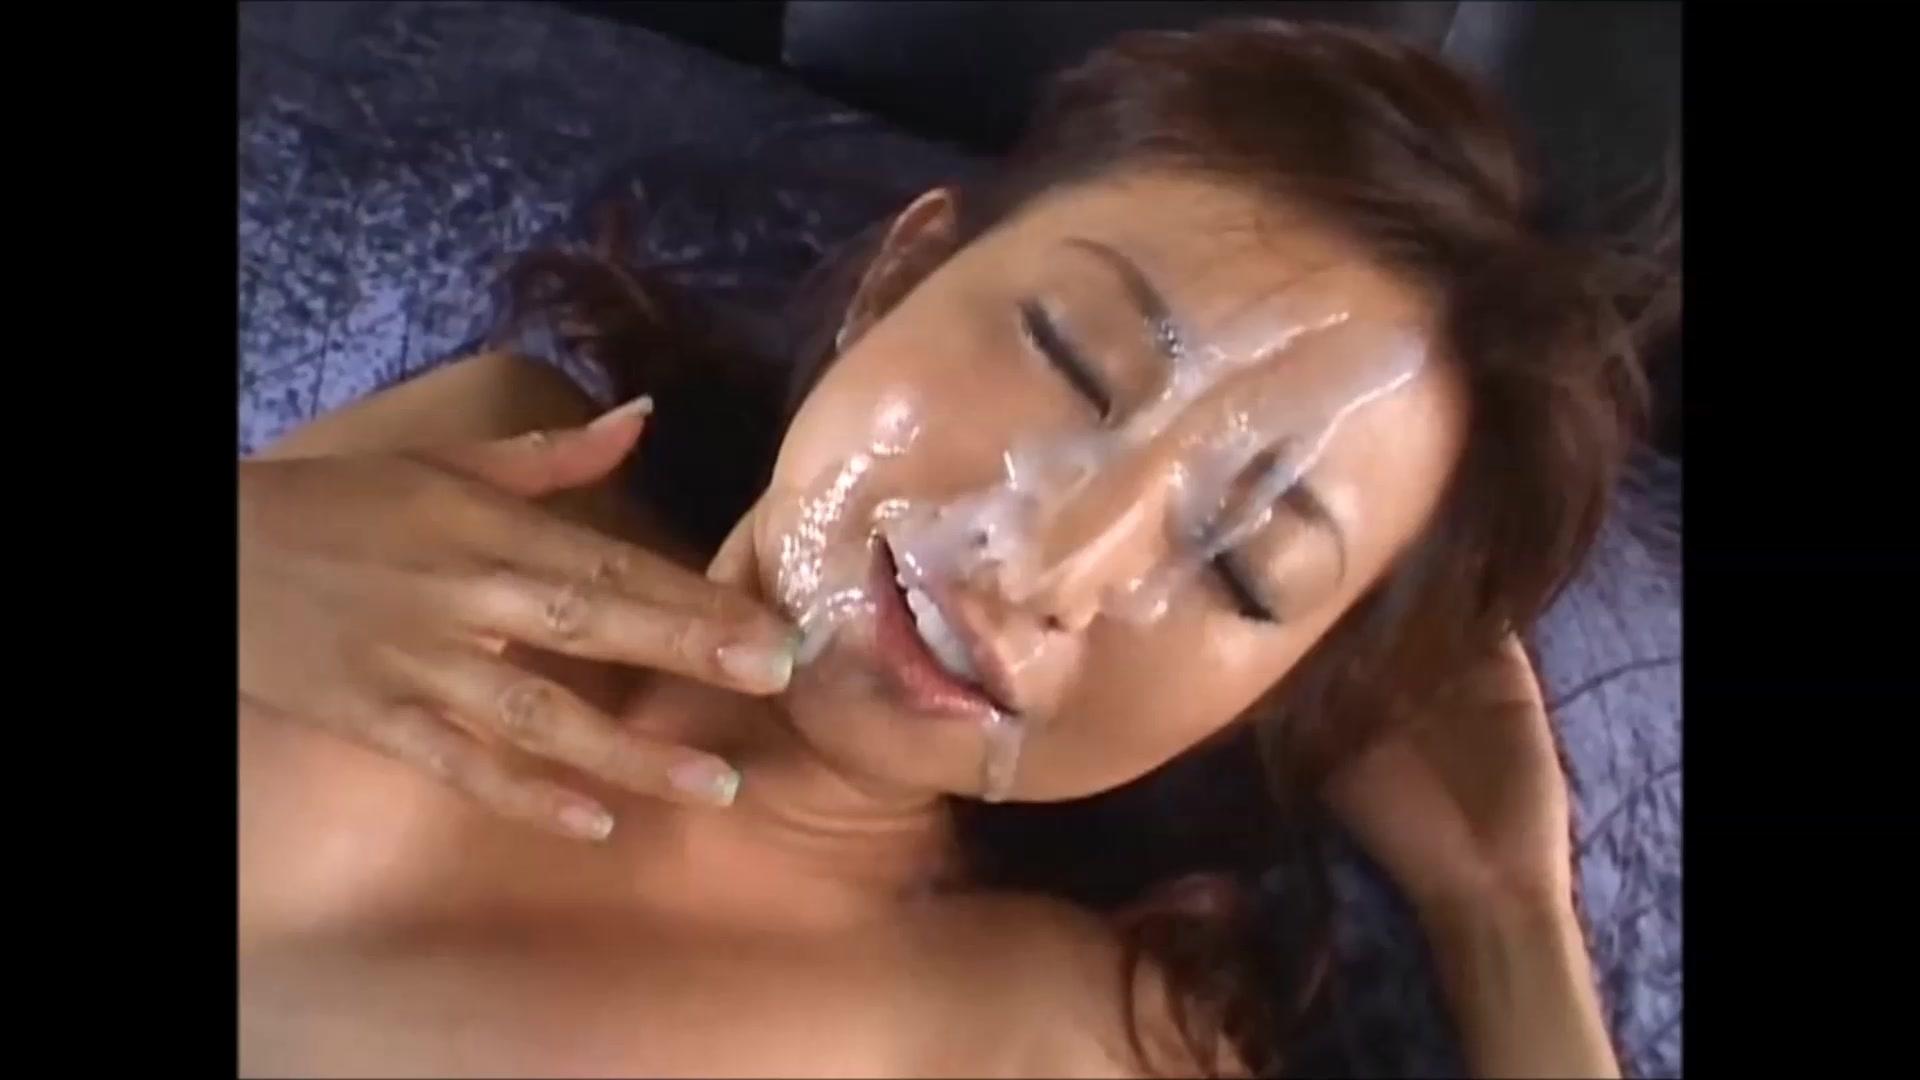 ГИГ-ПОРНО бесплатное онлайн порно видео на любой вкус.